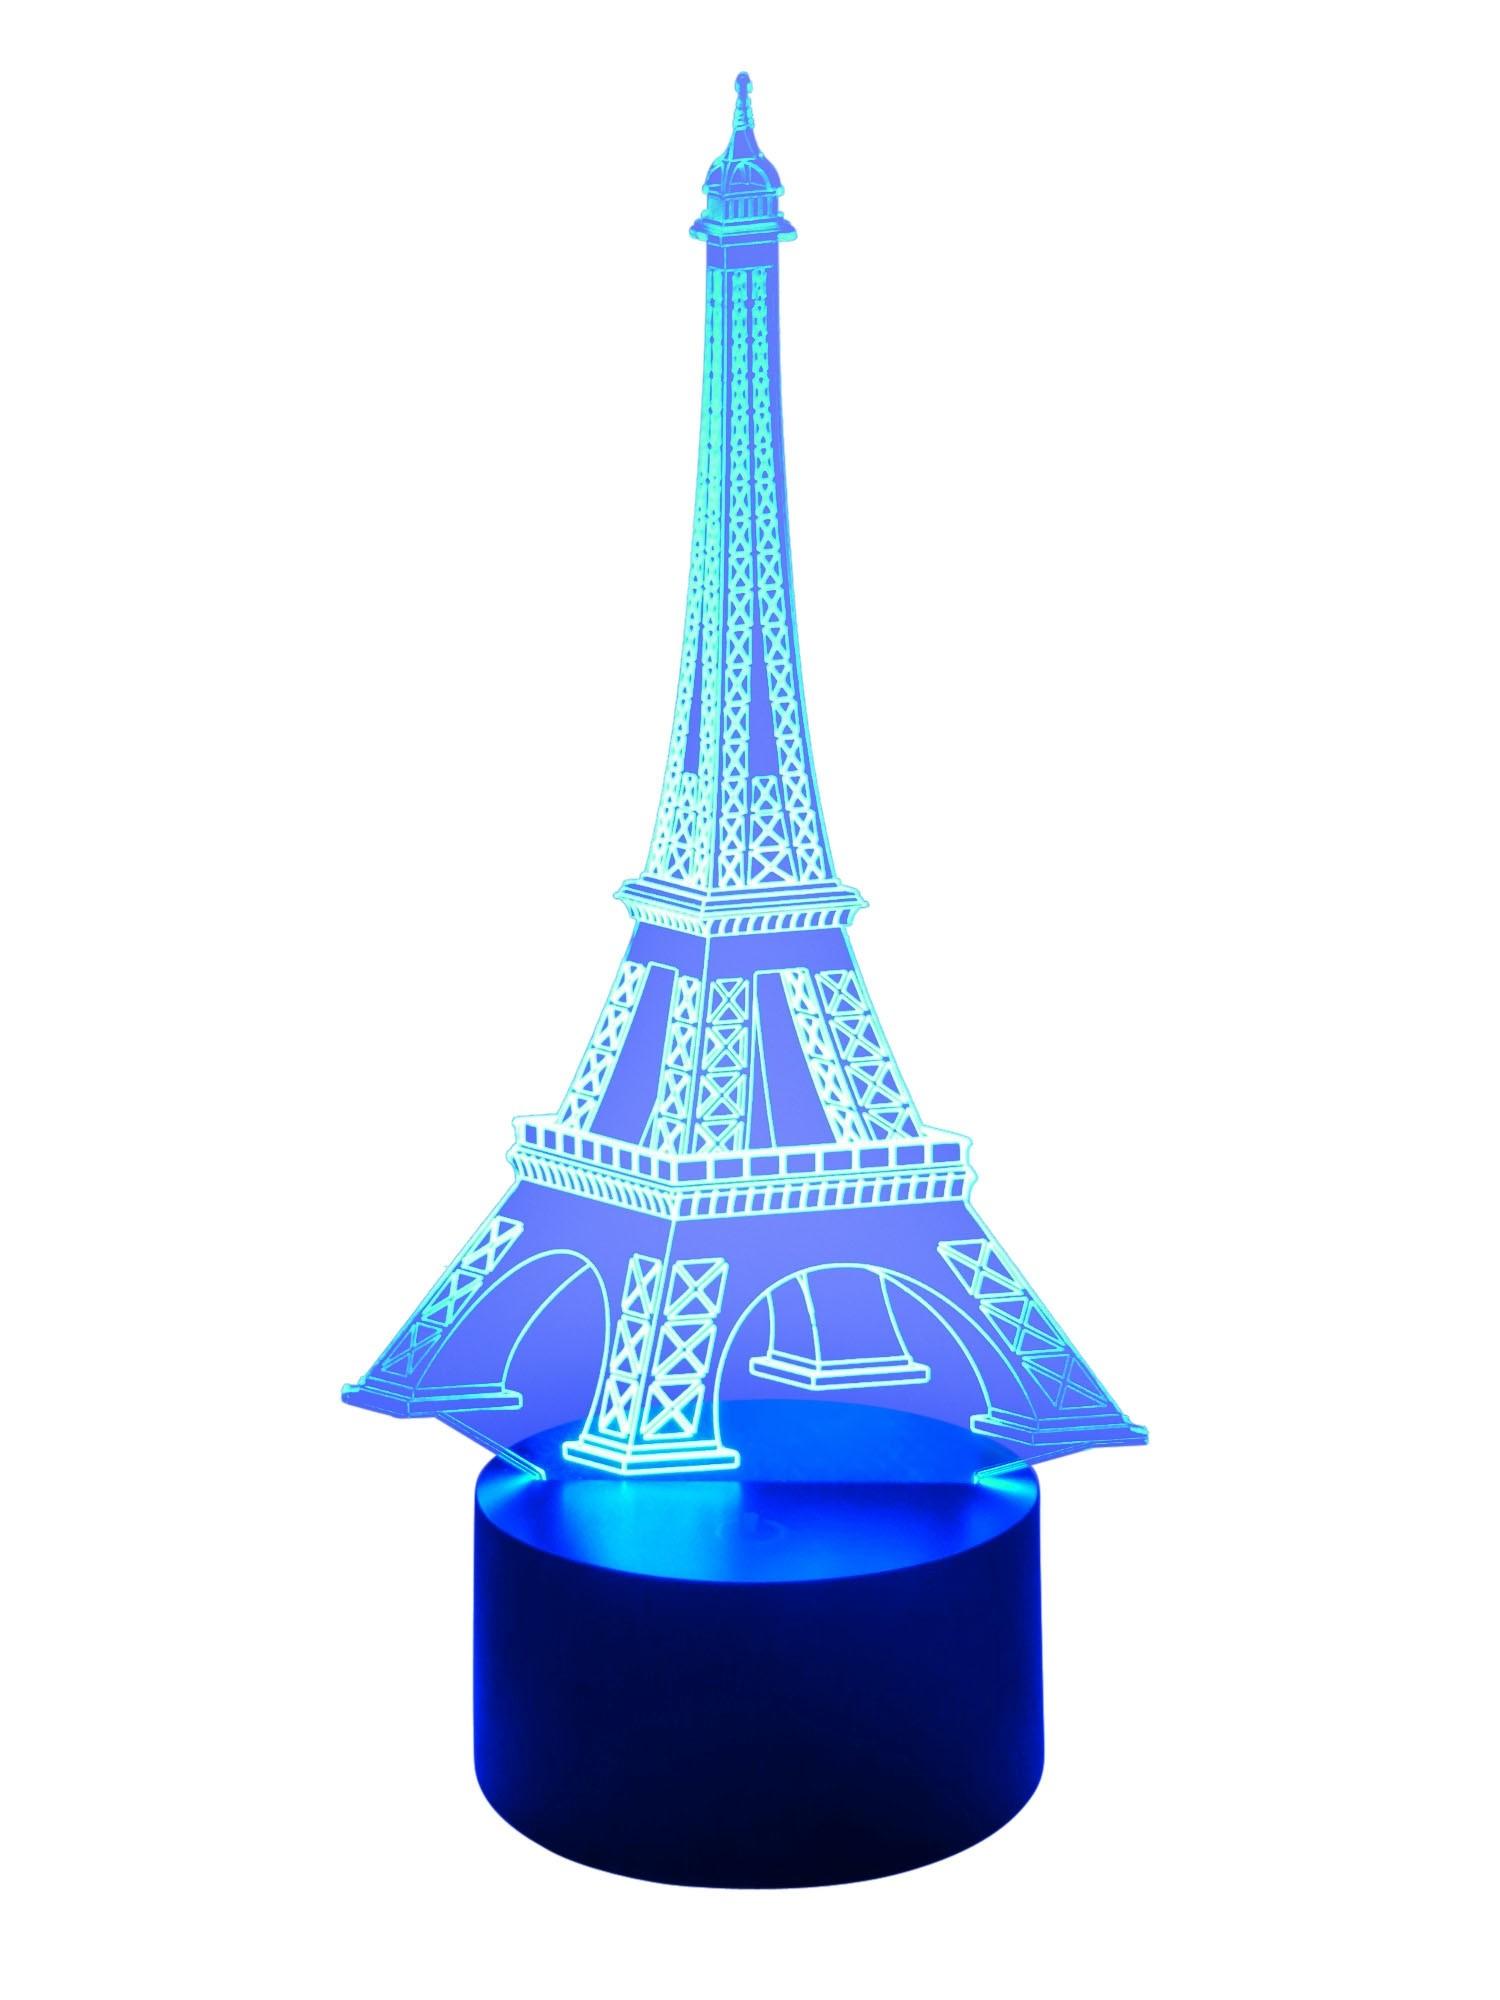 originelle 3D LED-Lampe Farbwechsel Tischlampe Kinderzimmerlampe Wohnlicht Nachttischlampe Tischleuchte